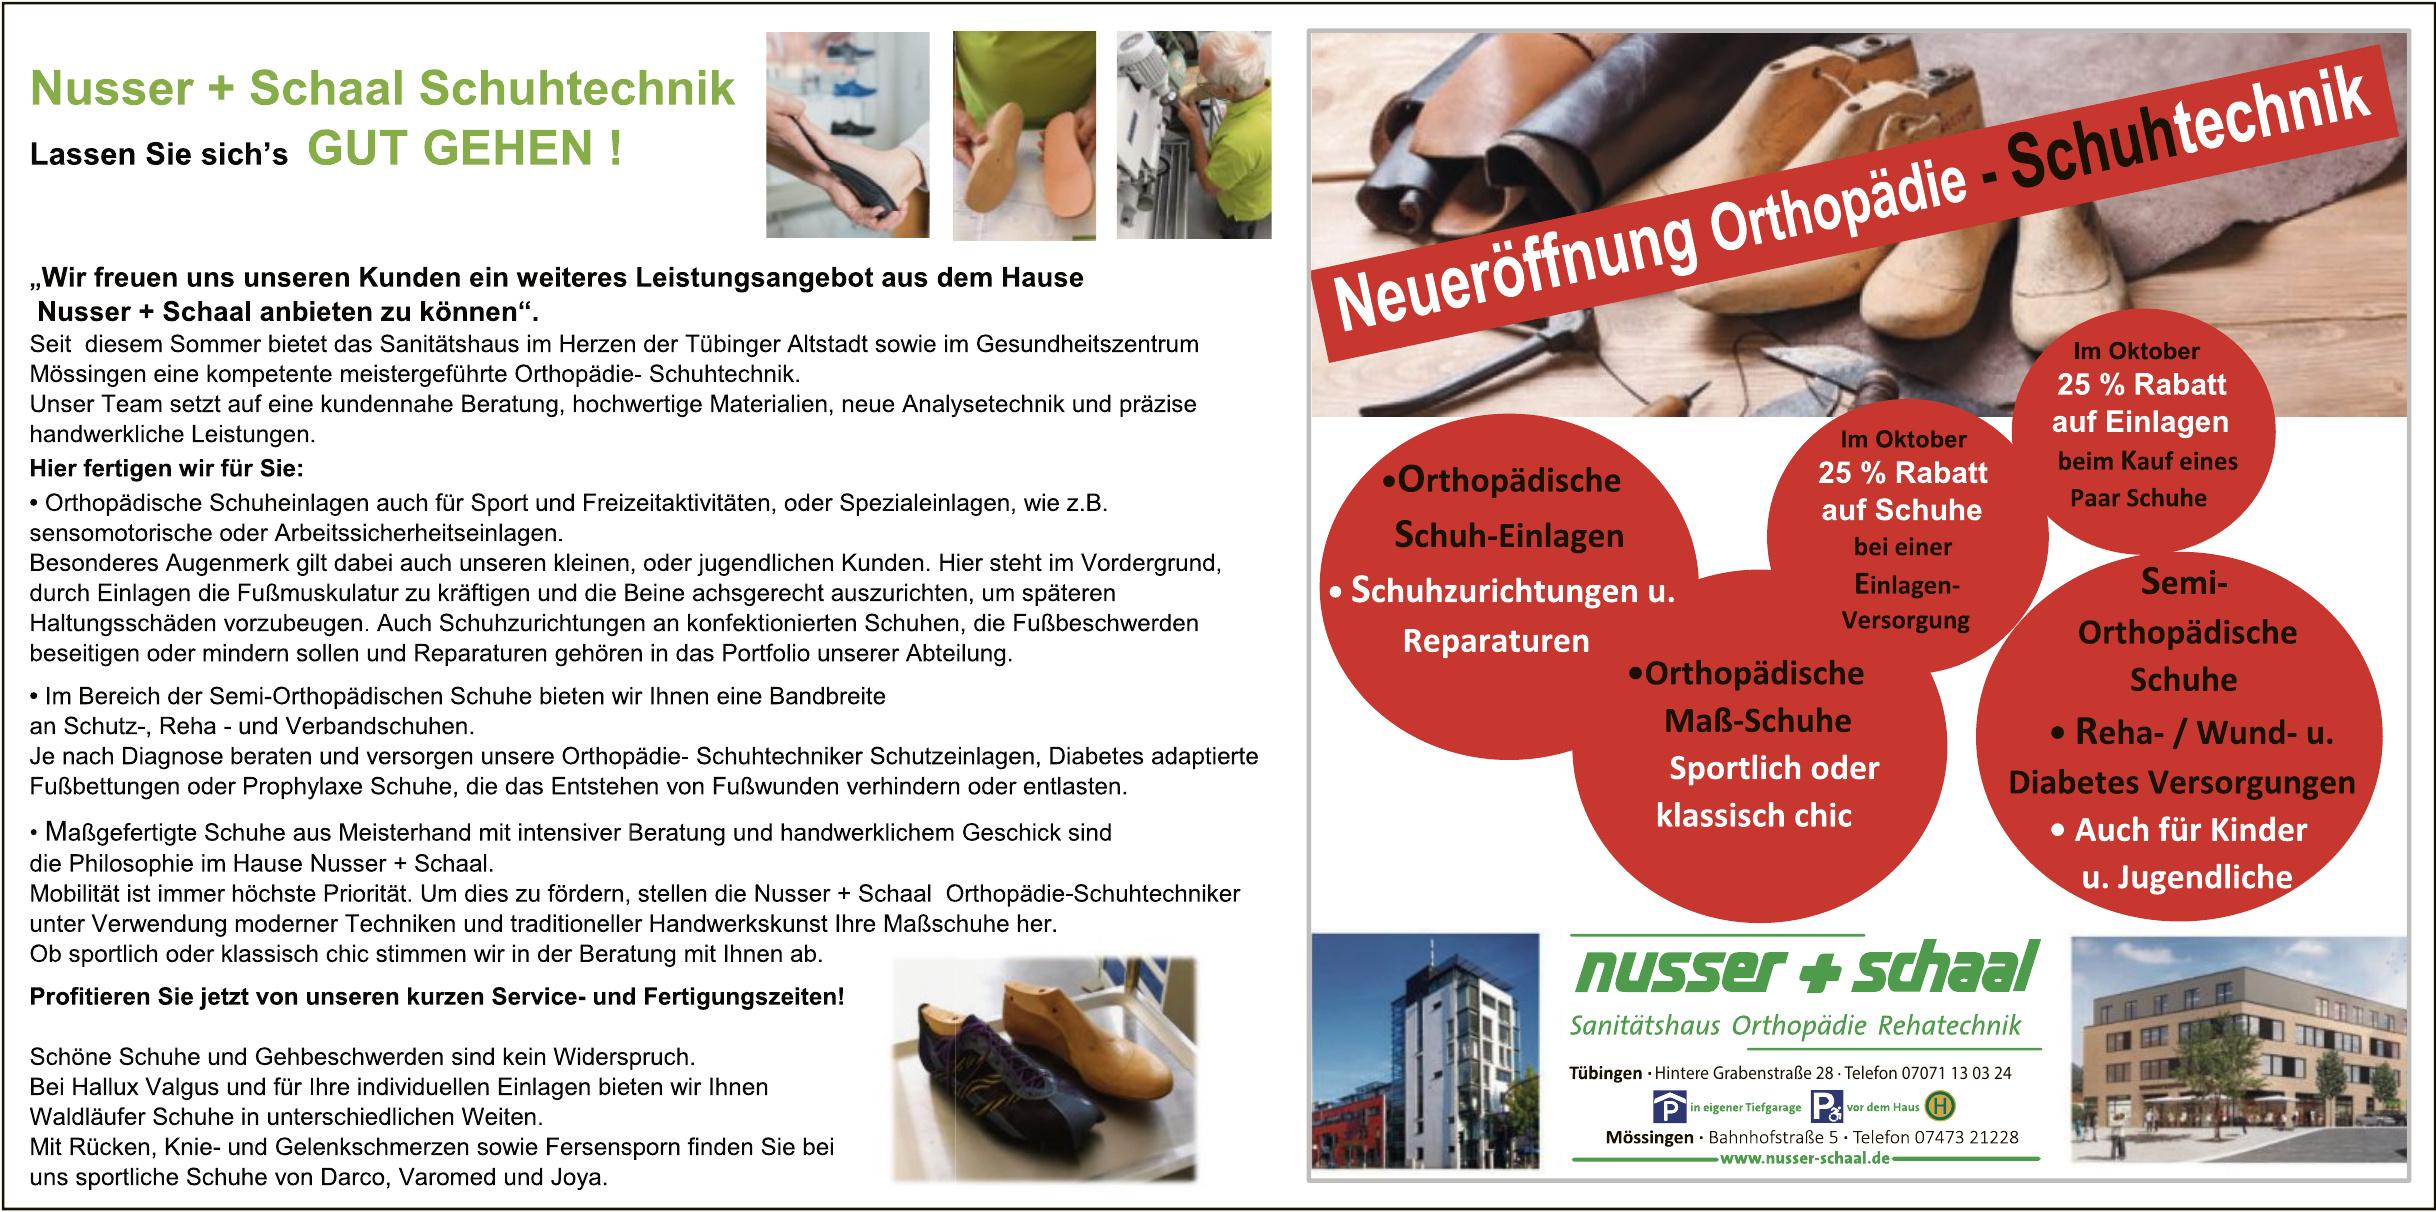 Nusser+Schaal